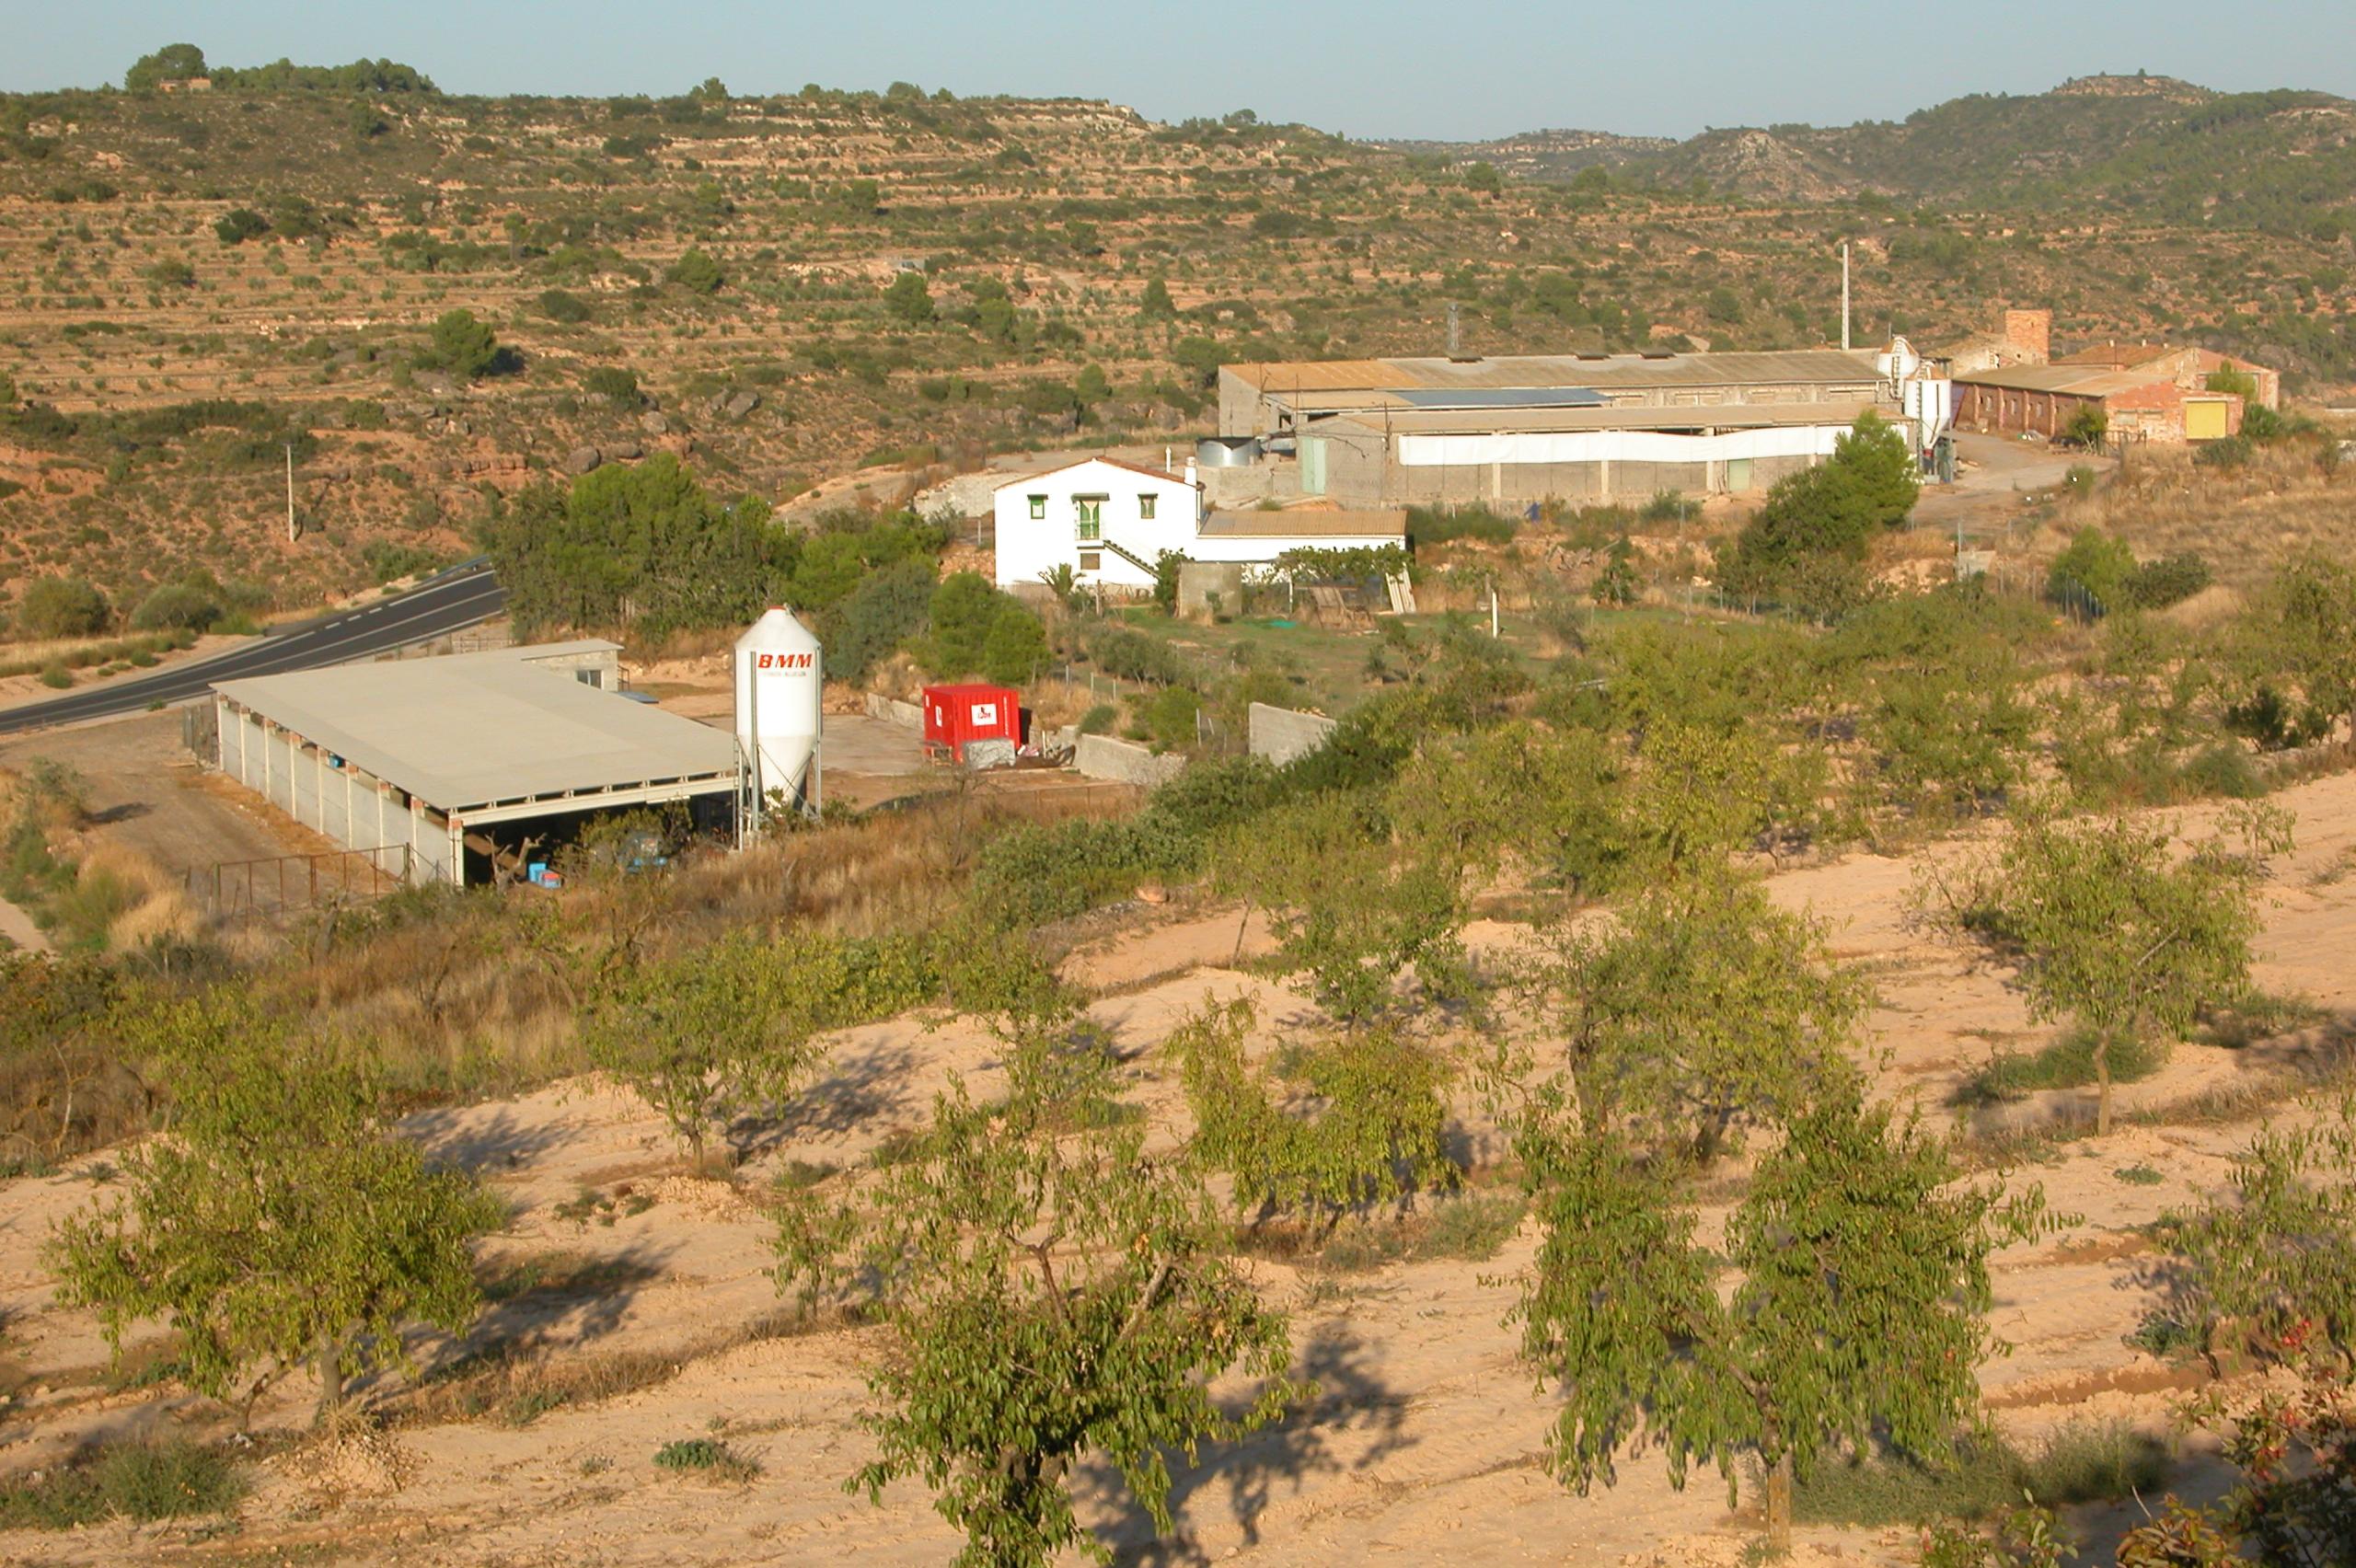 <p><strong>Unitat de Paisatge: </strong>Garrigues Altes<strong><br /> </strong></p> <p><strong>Municipi:</strong>L'Albagés</p> <p><strong>Autor: </strong>Observatori del Paisatge de Catalunya</p> <p><strong>Crèdit:</strong> Arxiu d'imatges de l'Observatori del Paisatge de Catalunya</p> <p><strong>Reproducció:</strong> CC BY-NC-ND 4.0</p>  <a href='http://arxiu.catpaisatge.net/wp-content/uploads/2019/04/l.Albages-Garrigues-Garrigues-Altes.jpg'' class='download-button' download>Descarrega</a> <a href='http://arxiu.catpaisatge.net/cercador/?details.vm?q=id:0000005404' target='blank' class='fitxa-button' >Fitxa</a>